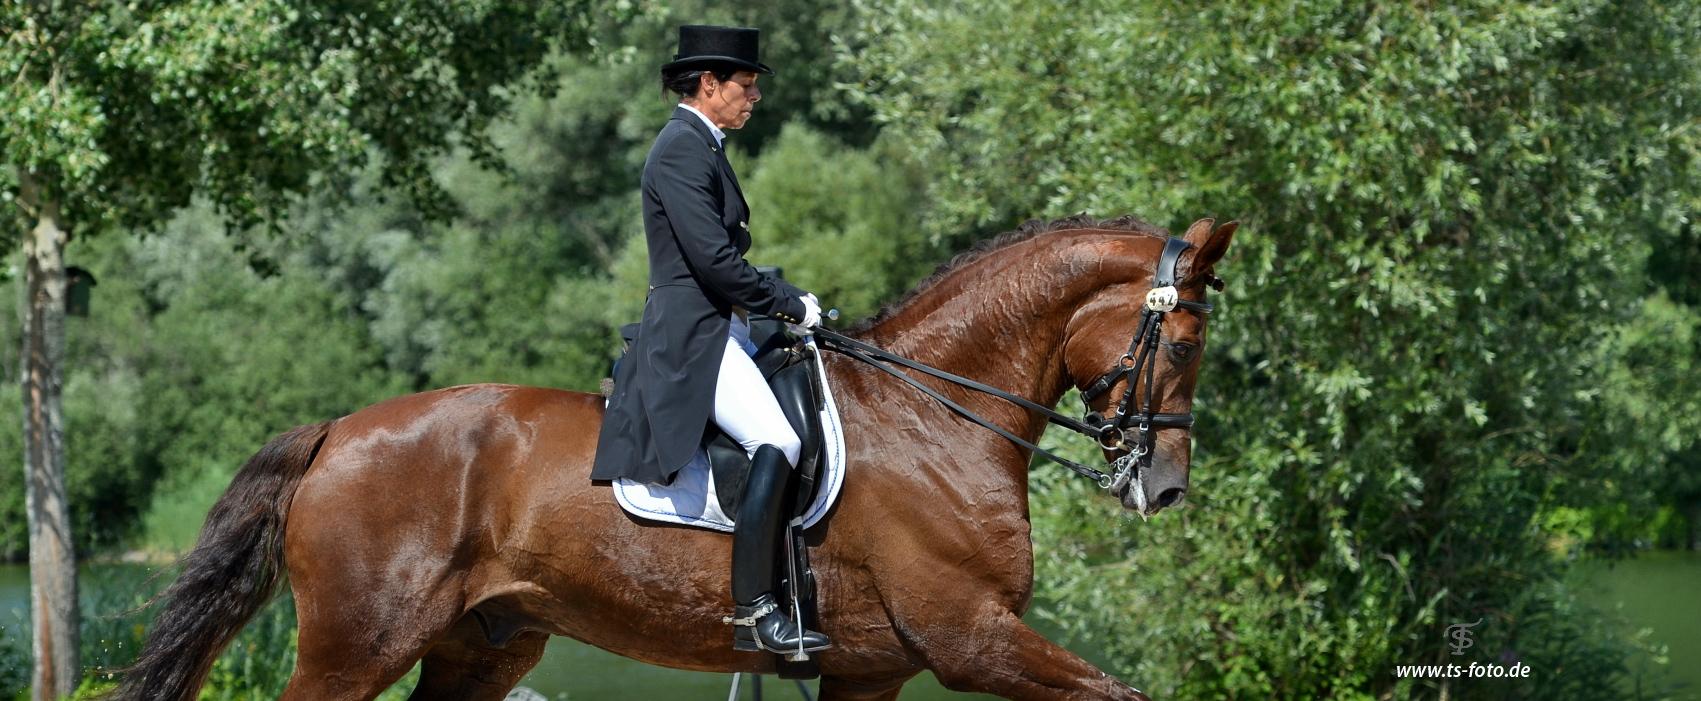 Profil – Danica Langenstein – Dressurausbildung – Pferd und Reiter – Alling bei München